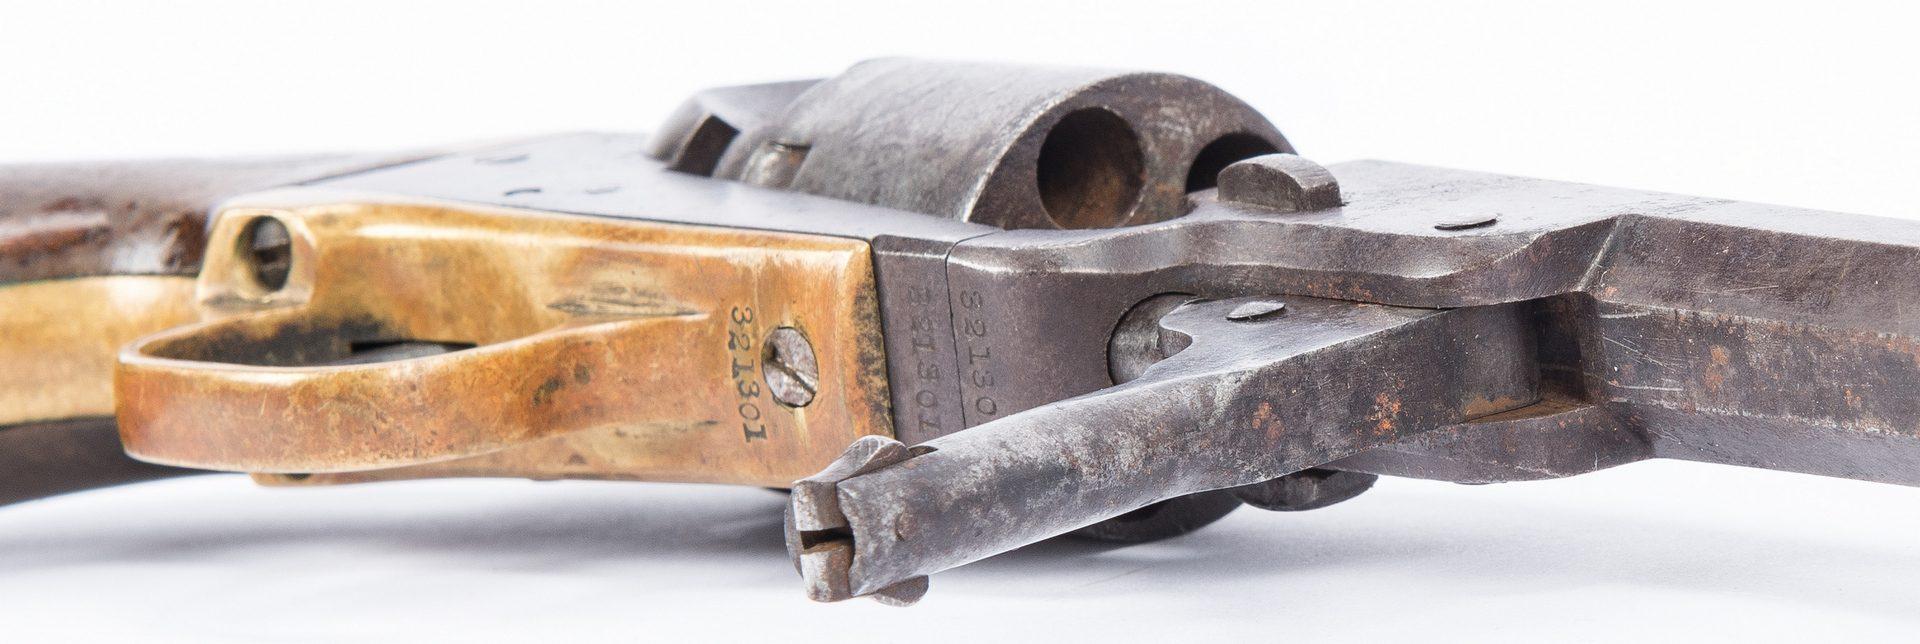 Lot 371: Colt Model 1849 Pocket Revolver, .31 cal